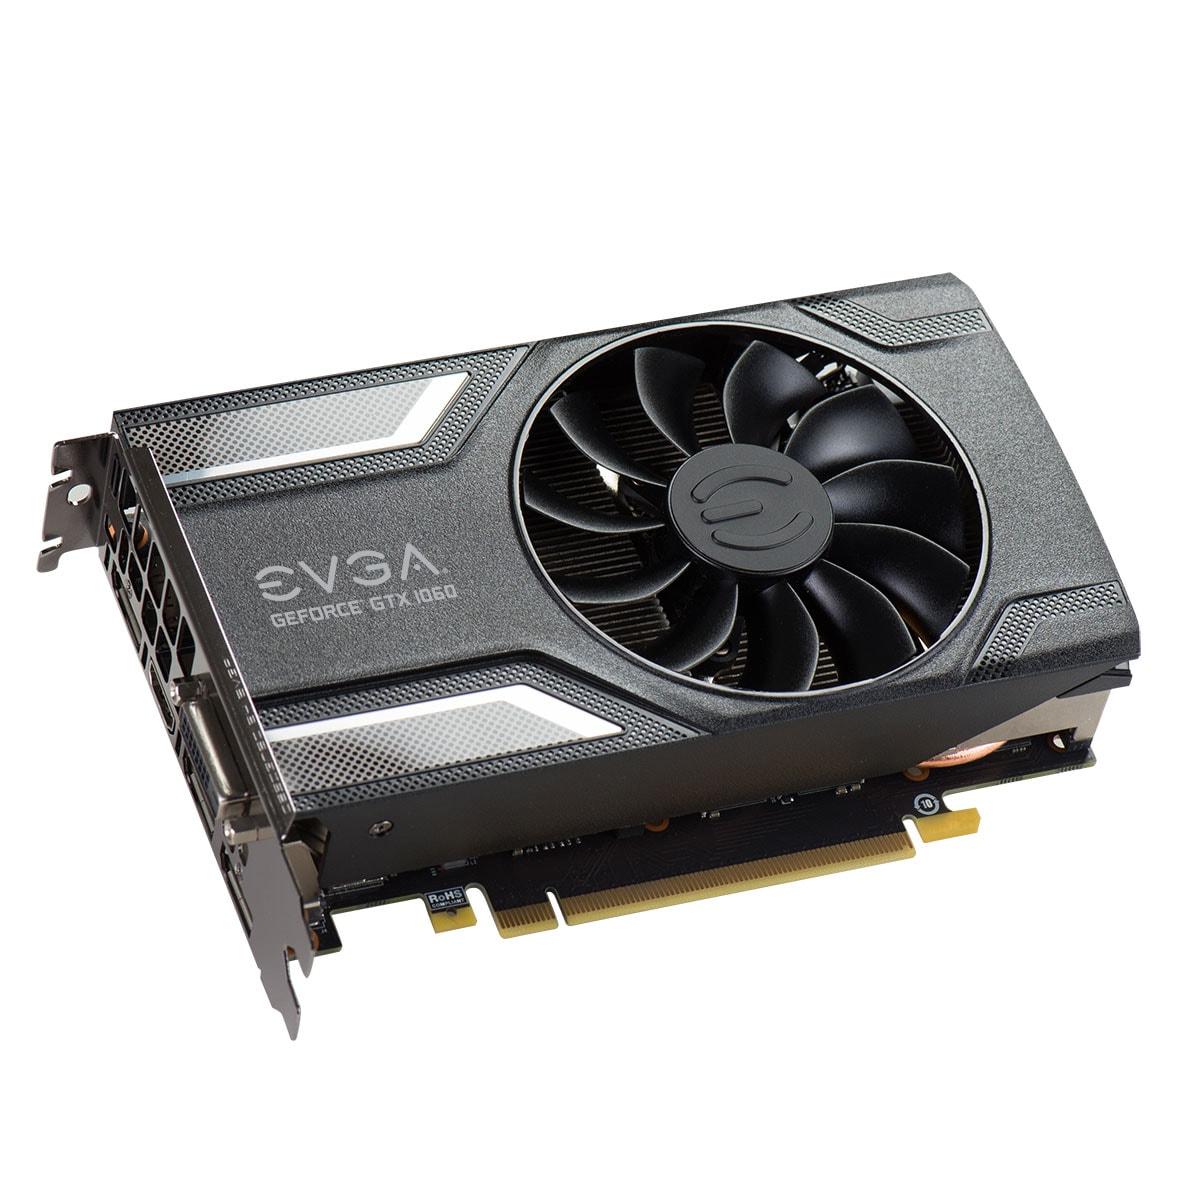 EVGA GTX 1060 SC Gaming 6163 6Go - Carte graphique EVGA - 4